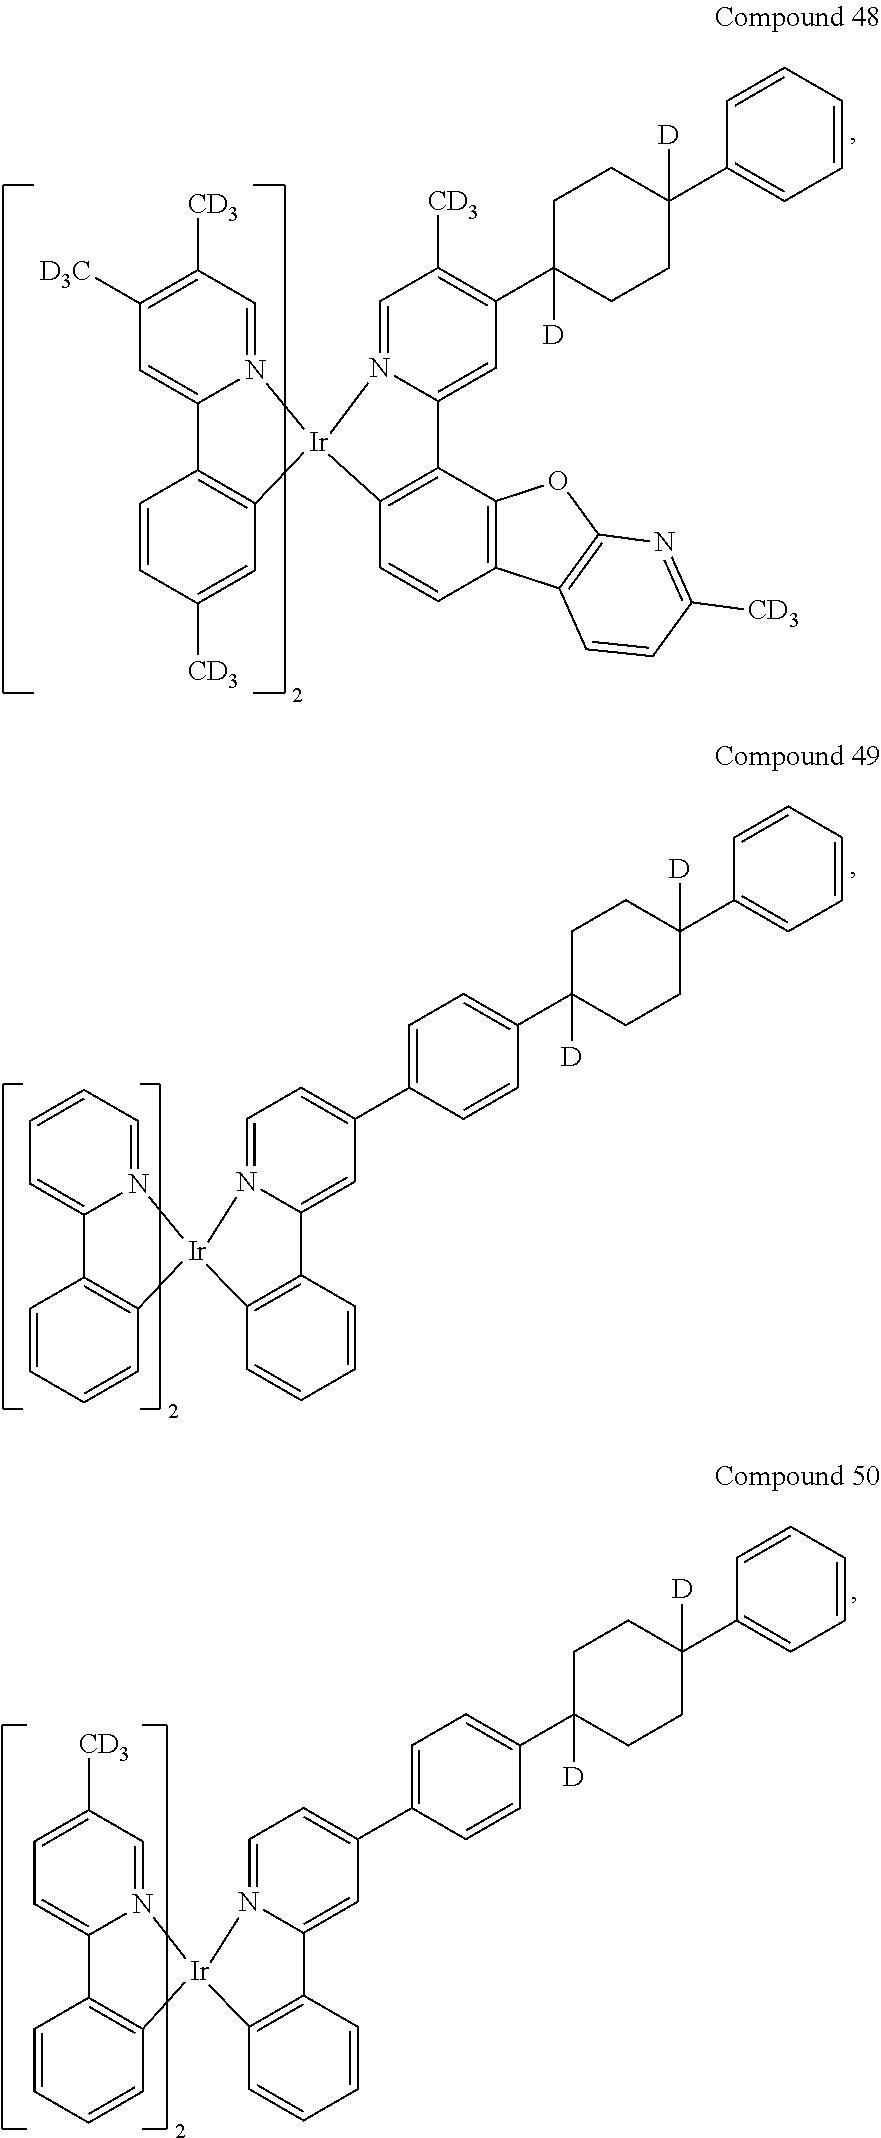 Figure US20180076393A1-20180315-C00037